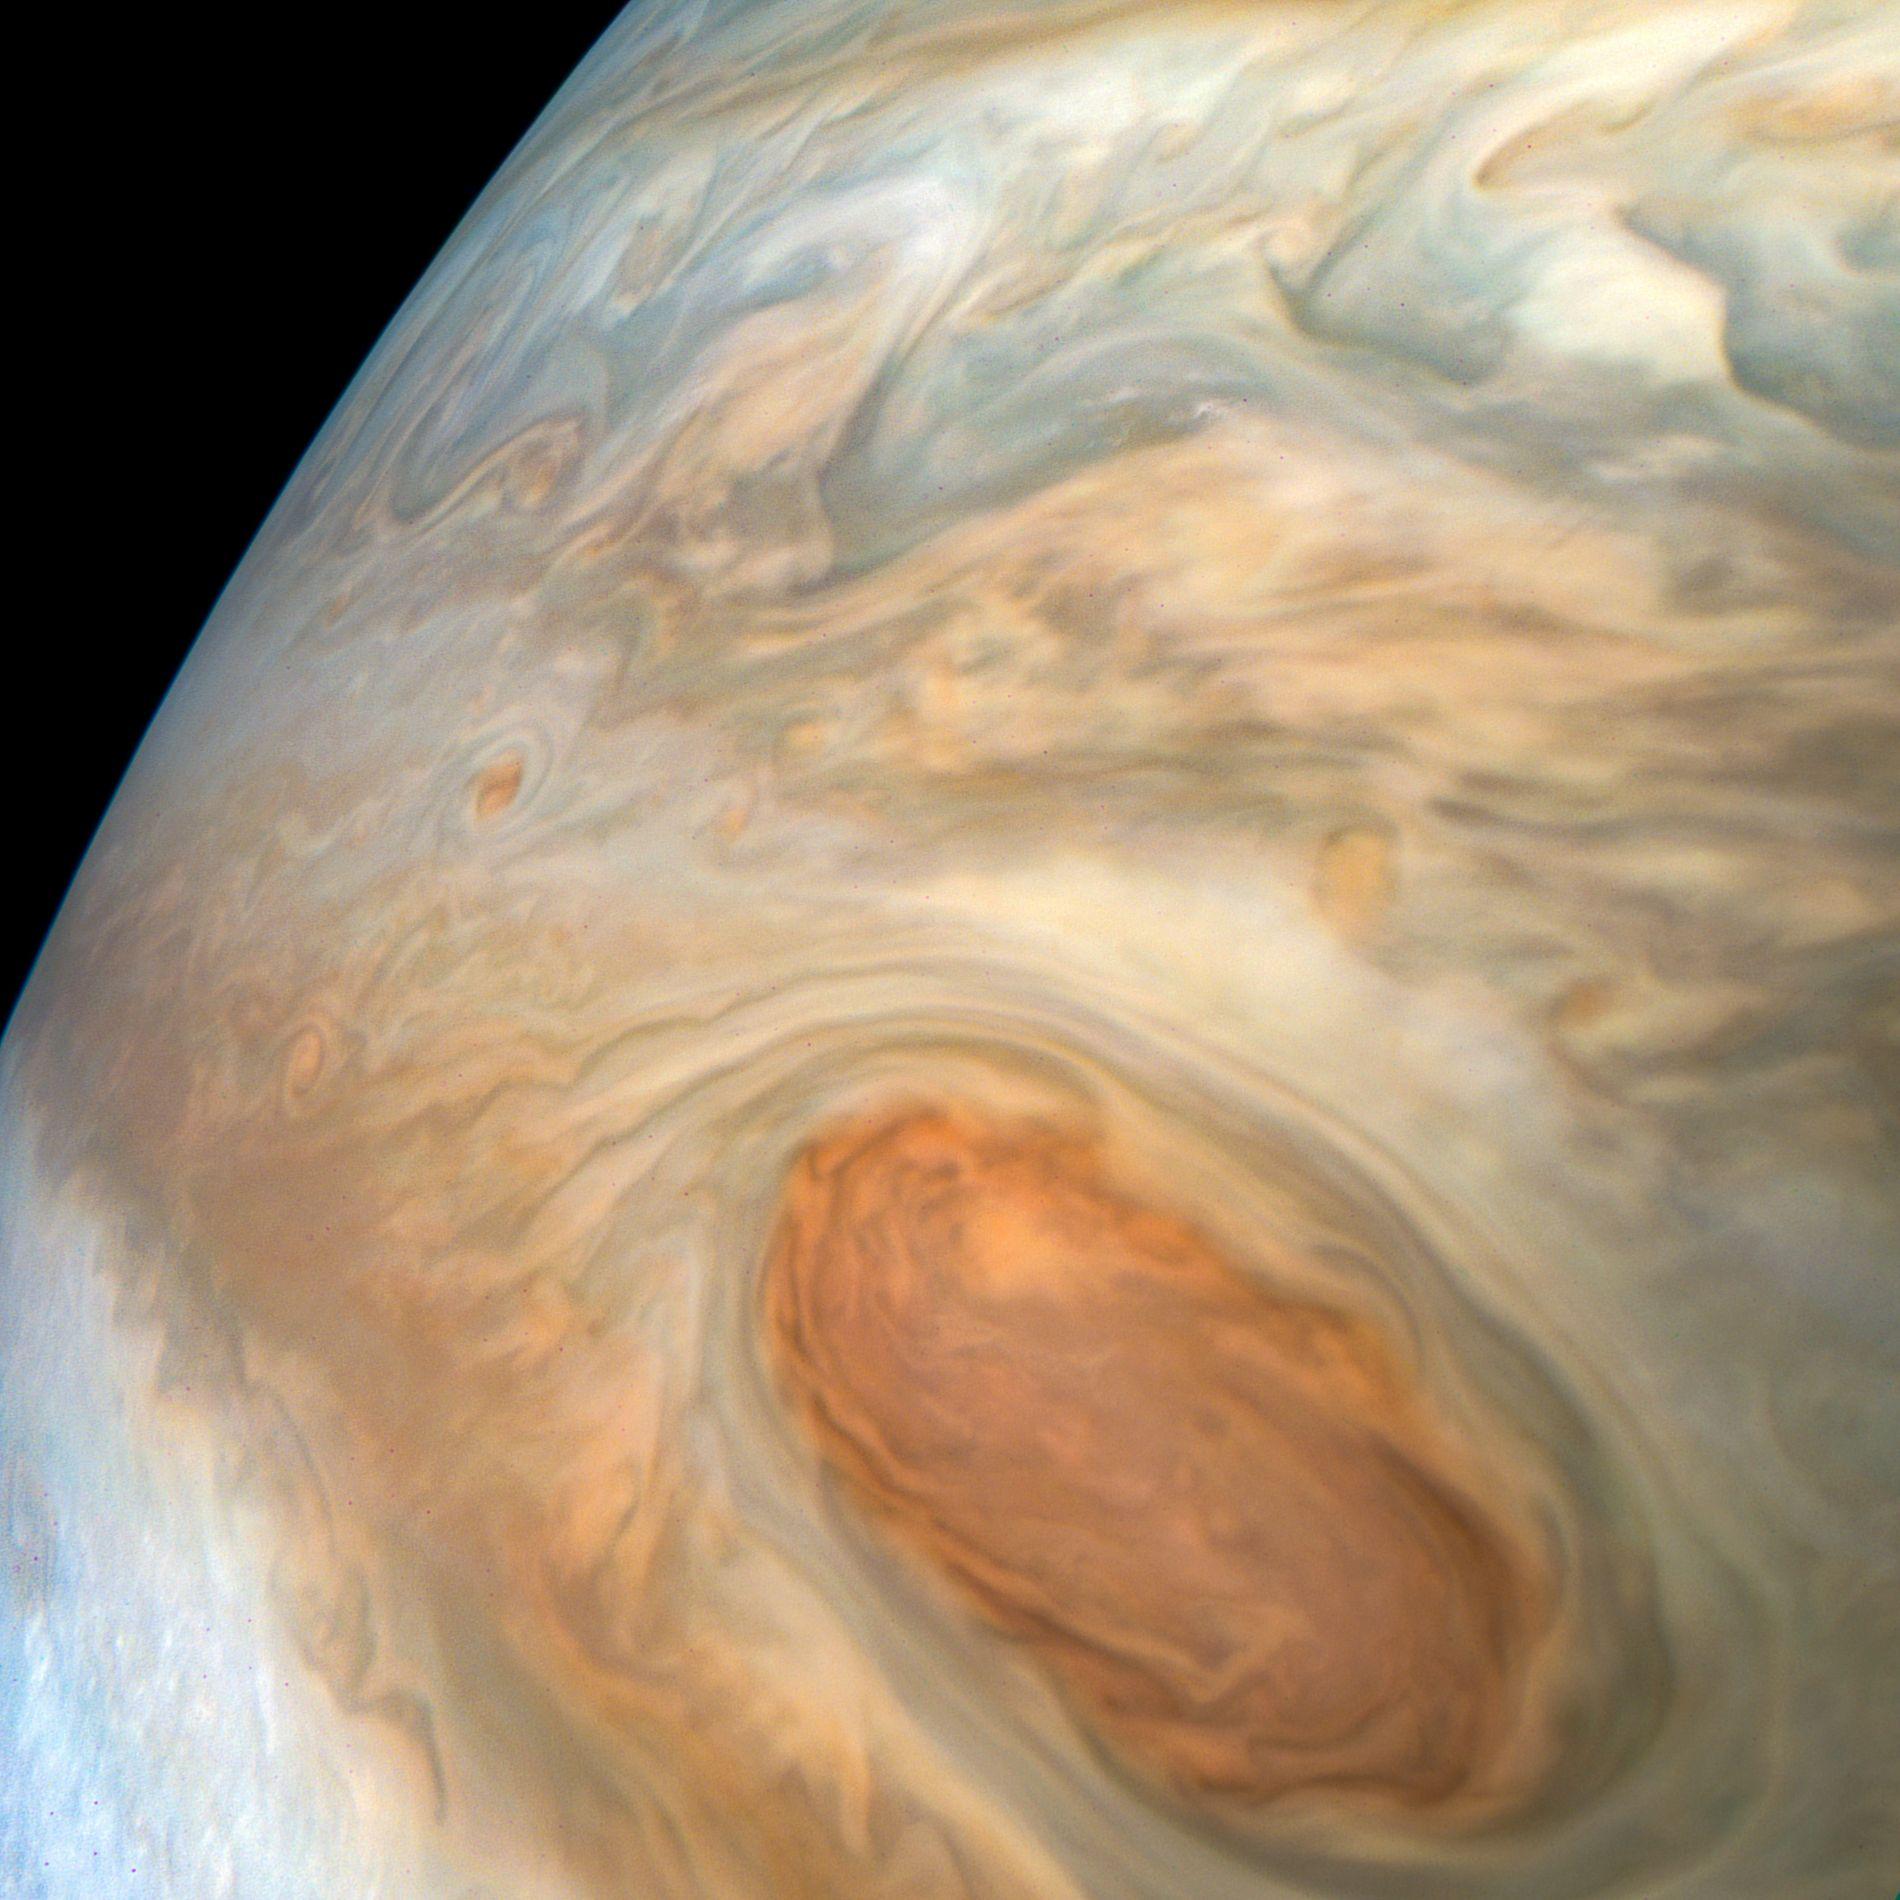 JUPITER: Foruten å gjøre mange ulike målinger, har NASAs romsonde Juno tatt bilder av Jupiters overflate som gir et mer detaljert bilde av hvordan planeten ser ut, enn man har hatt tidligere.